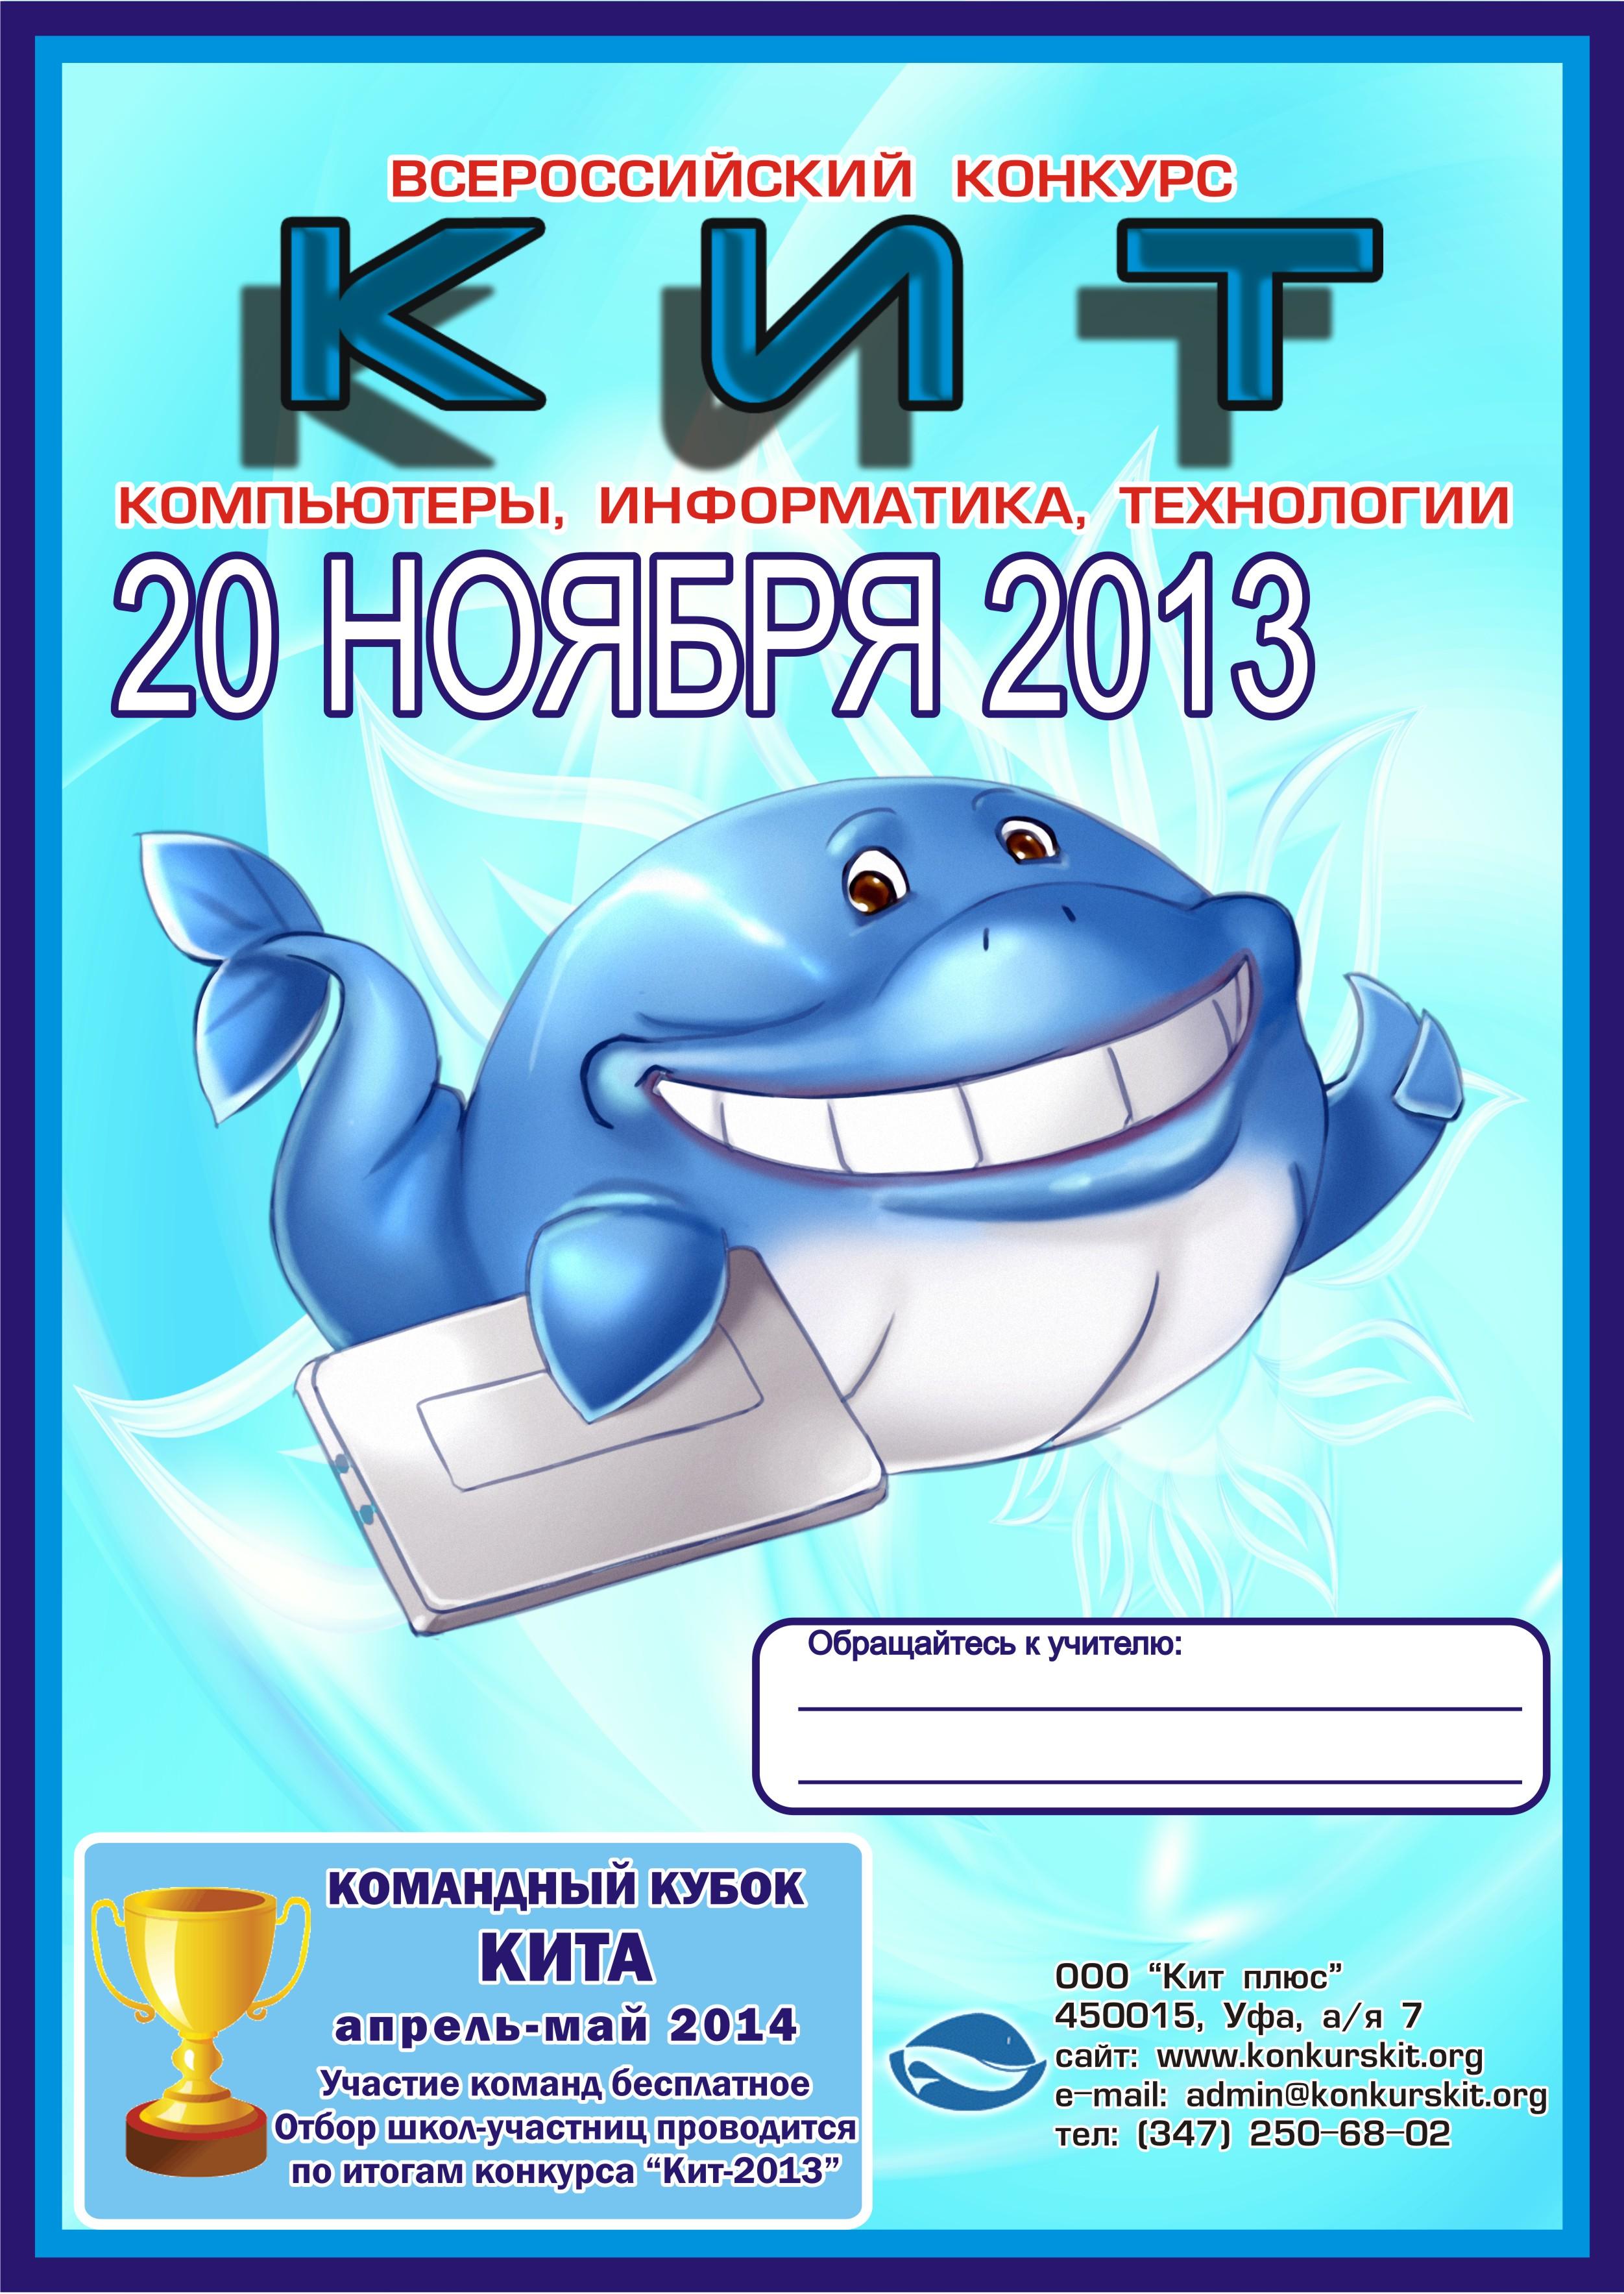 http://konkurskit.org/doc/afisha_kit_13.jpg